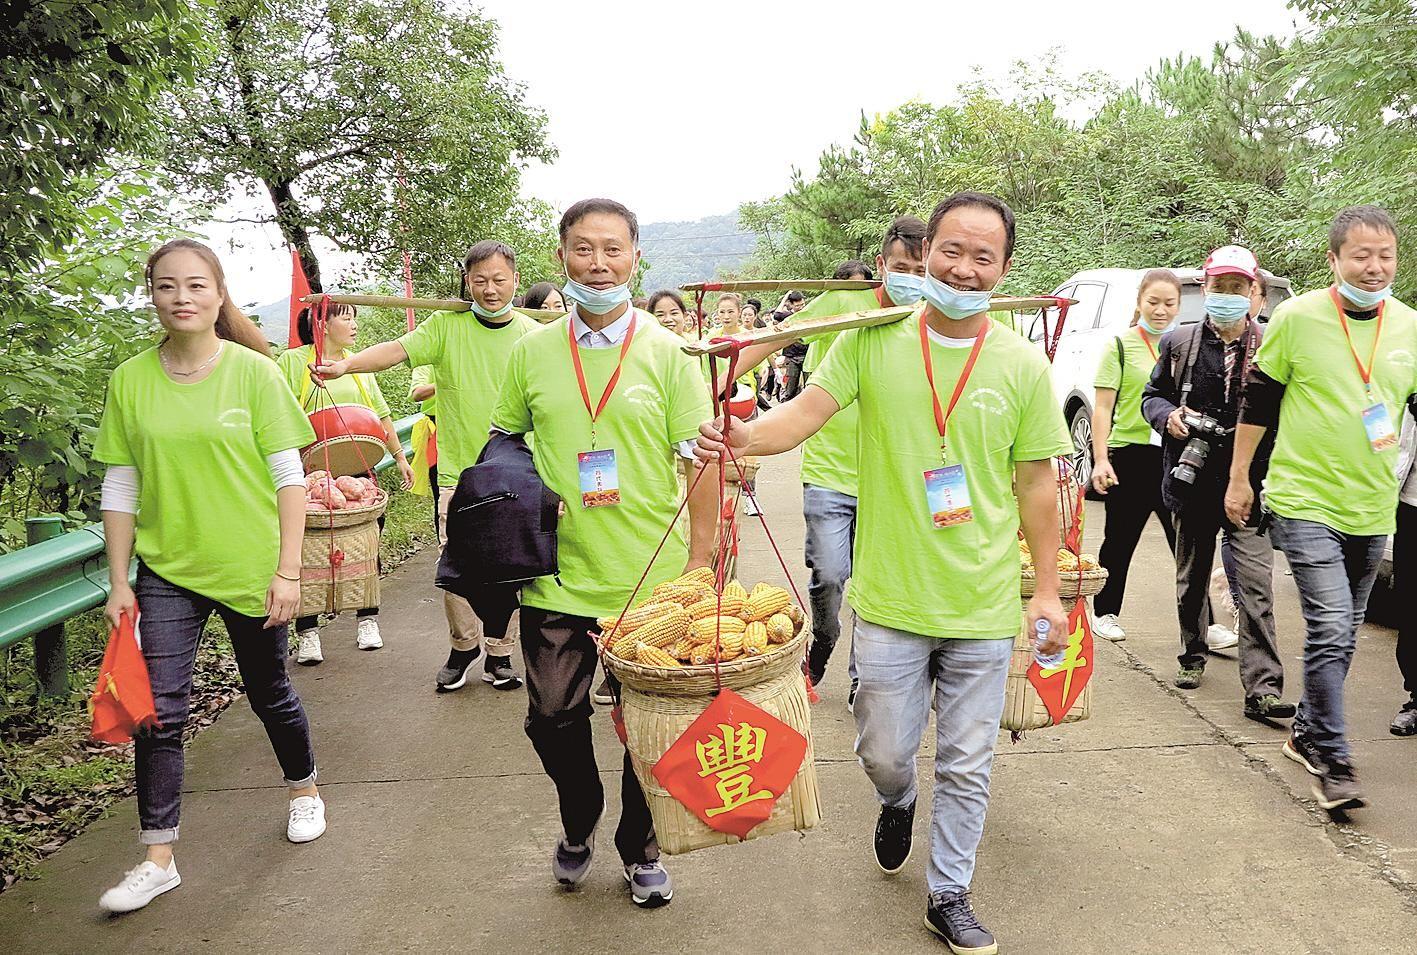 庆丰收 迎小康 湖北省各地欢庆农民丰收节